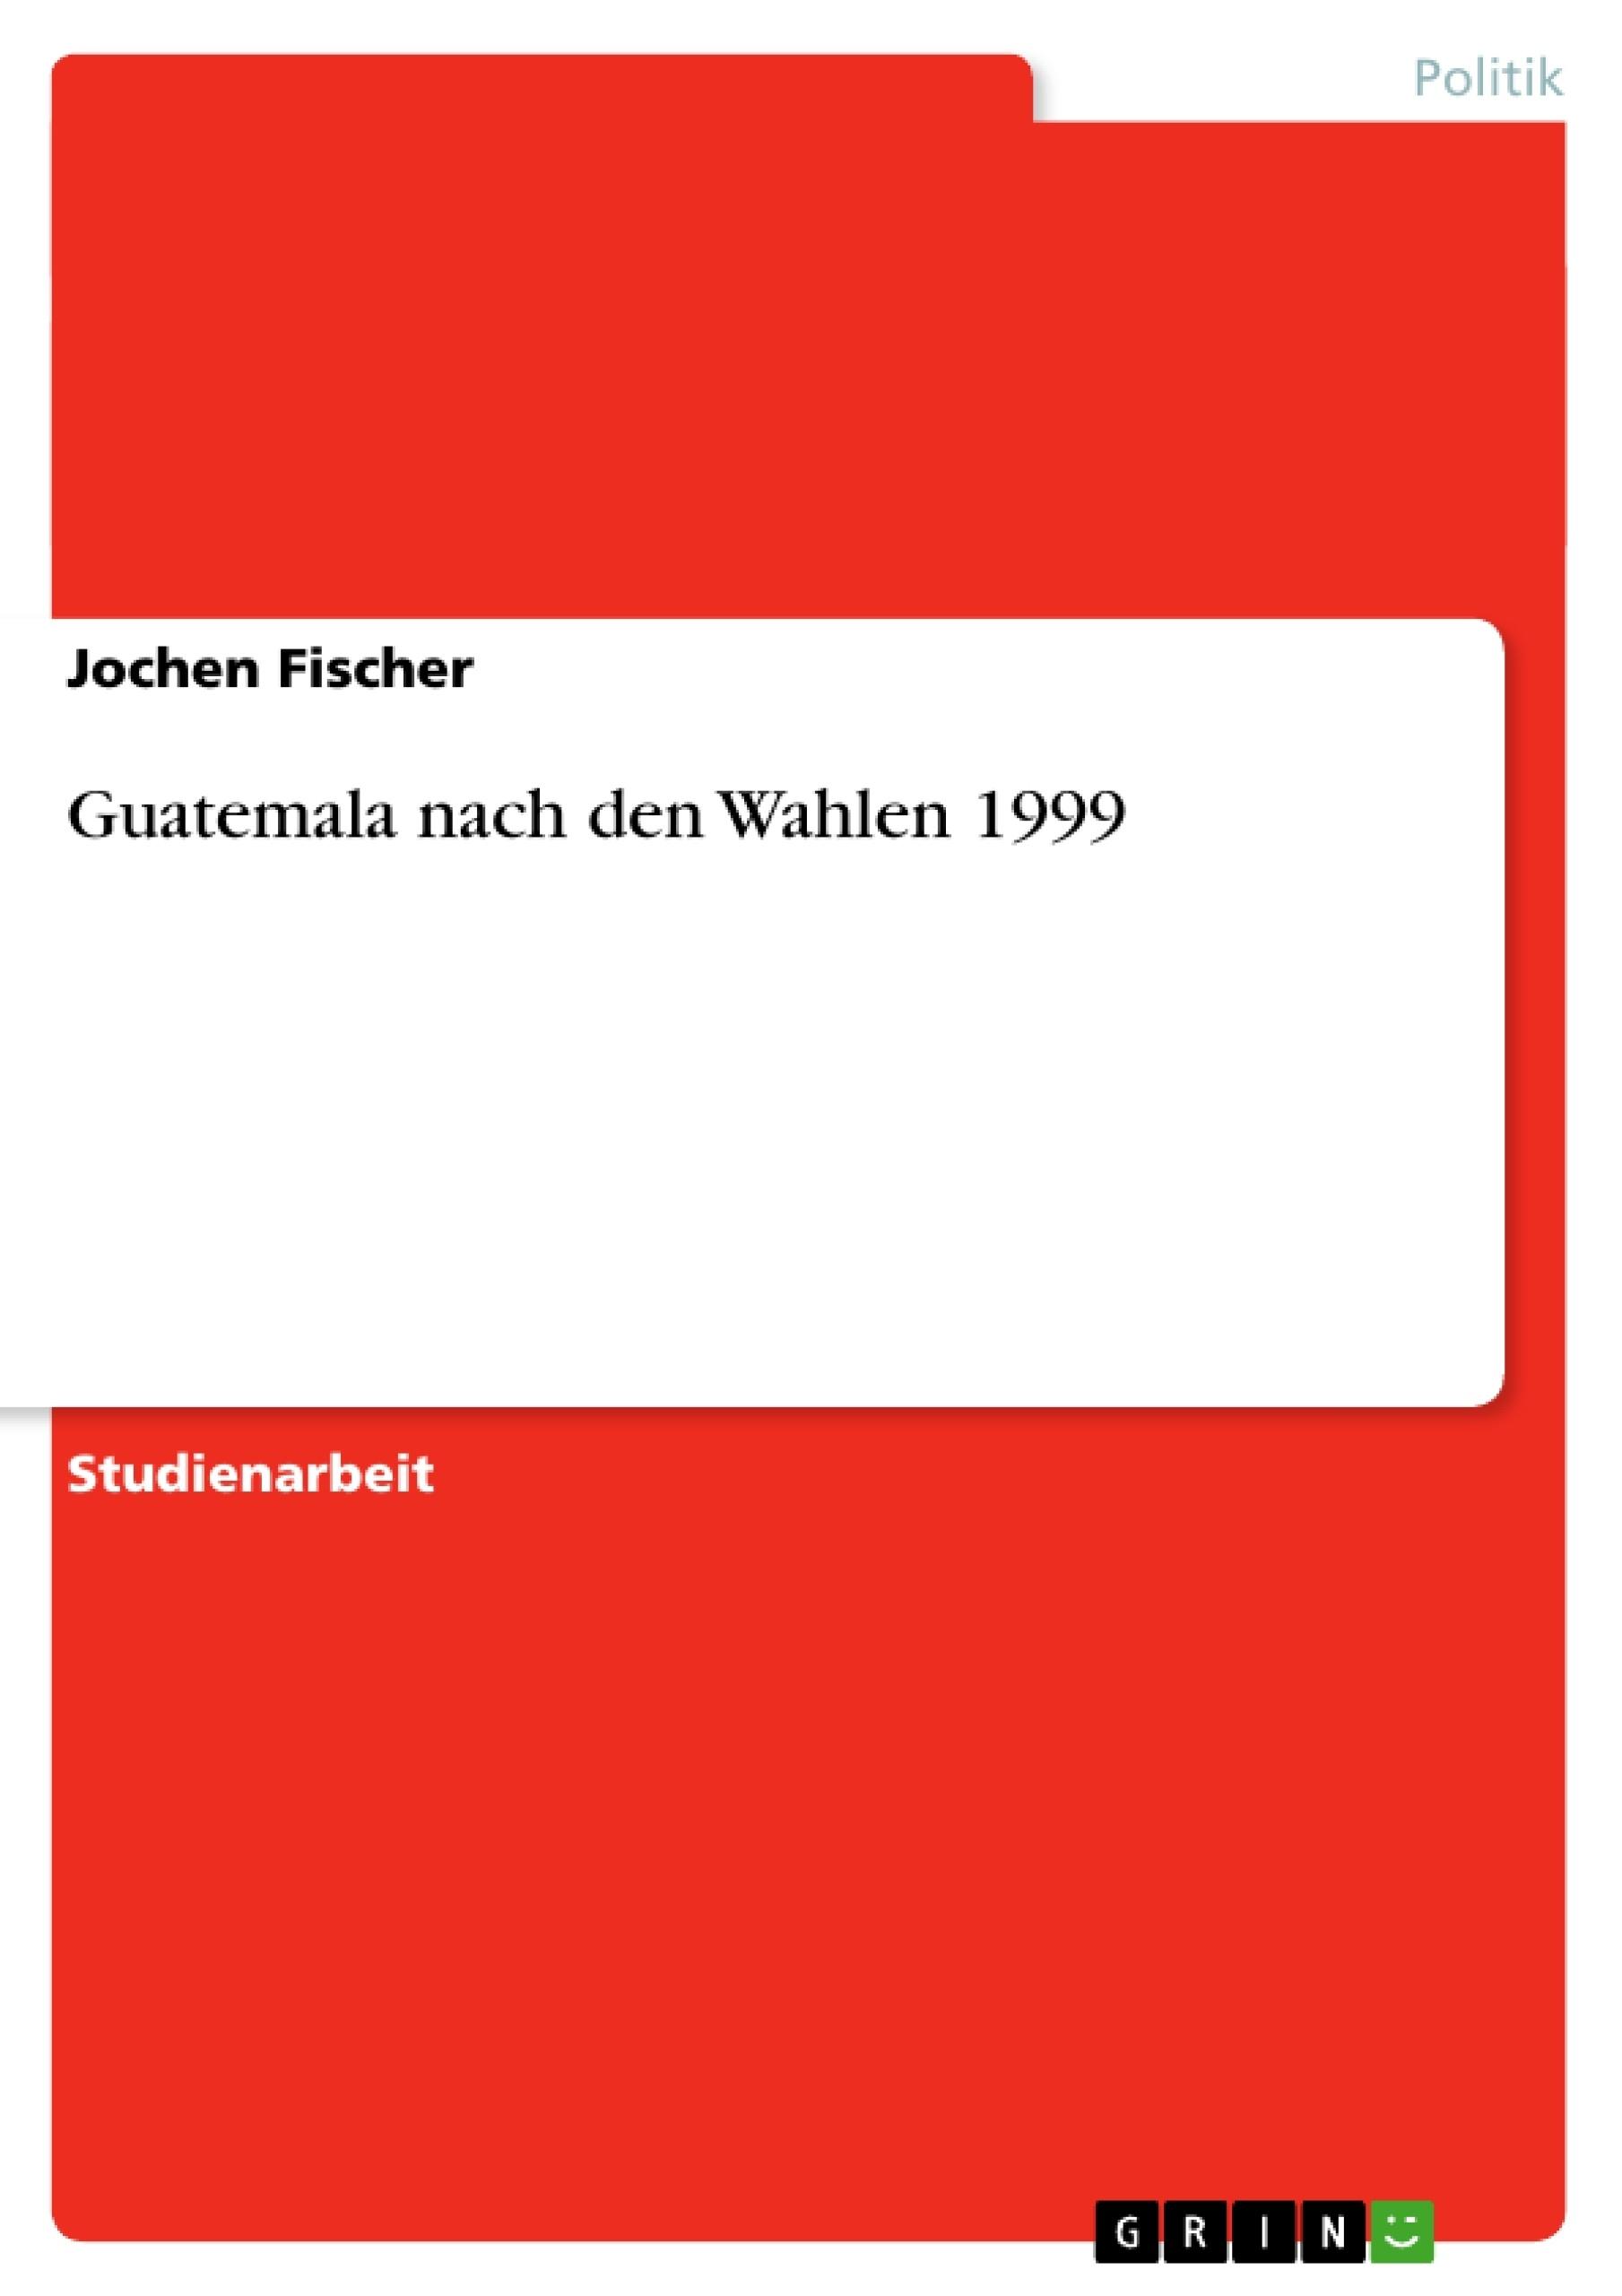 Titel: Guatemala nach den Wahlen 1999